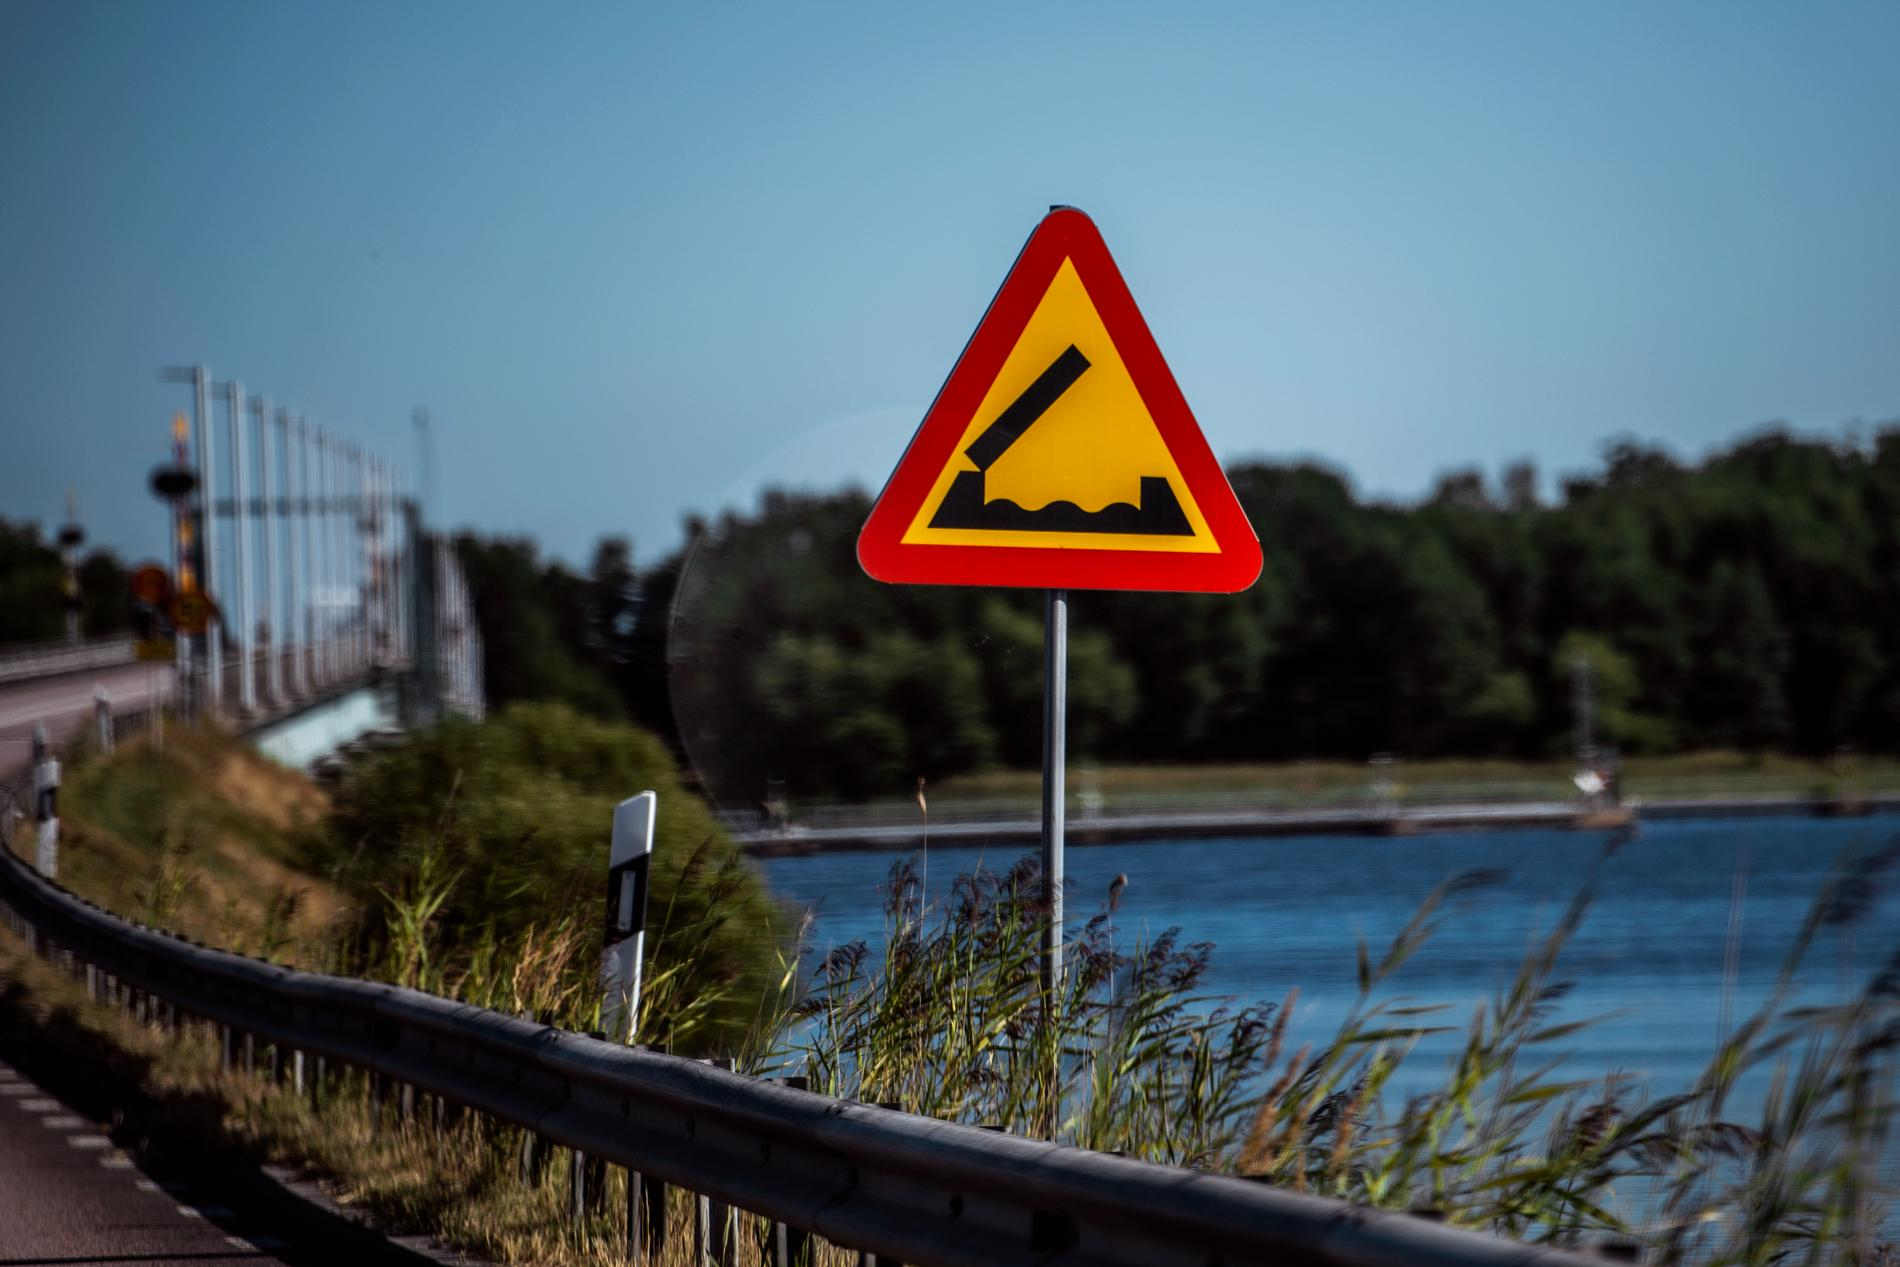 Varning för broöppning.